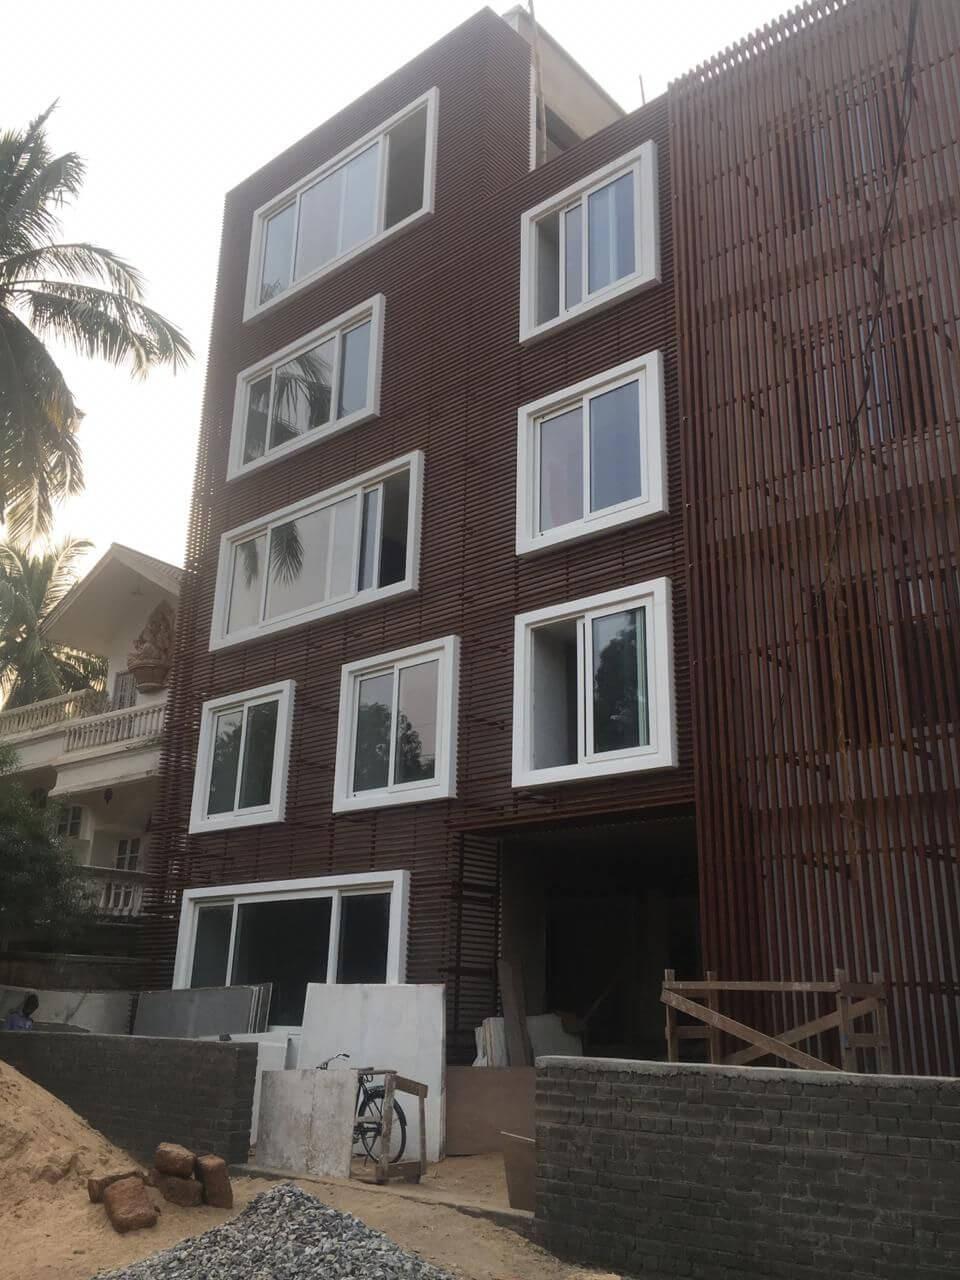 Facade at Bhubaneswar